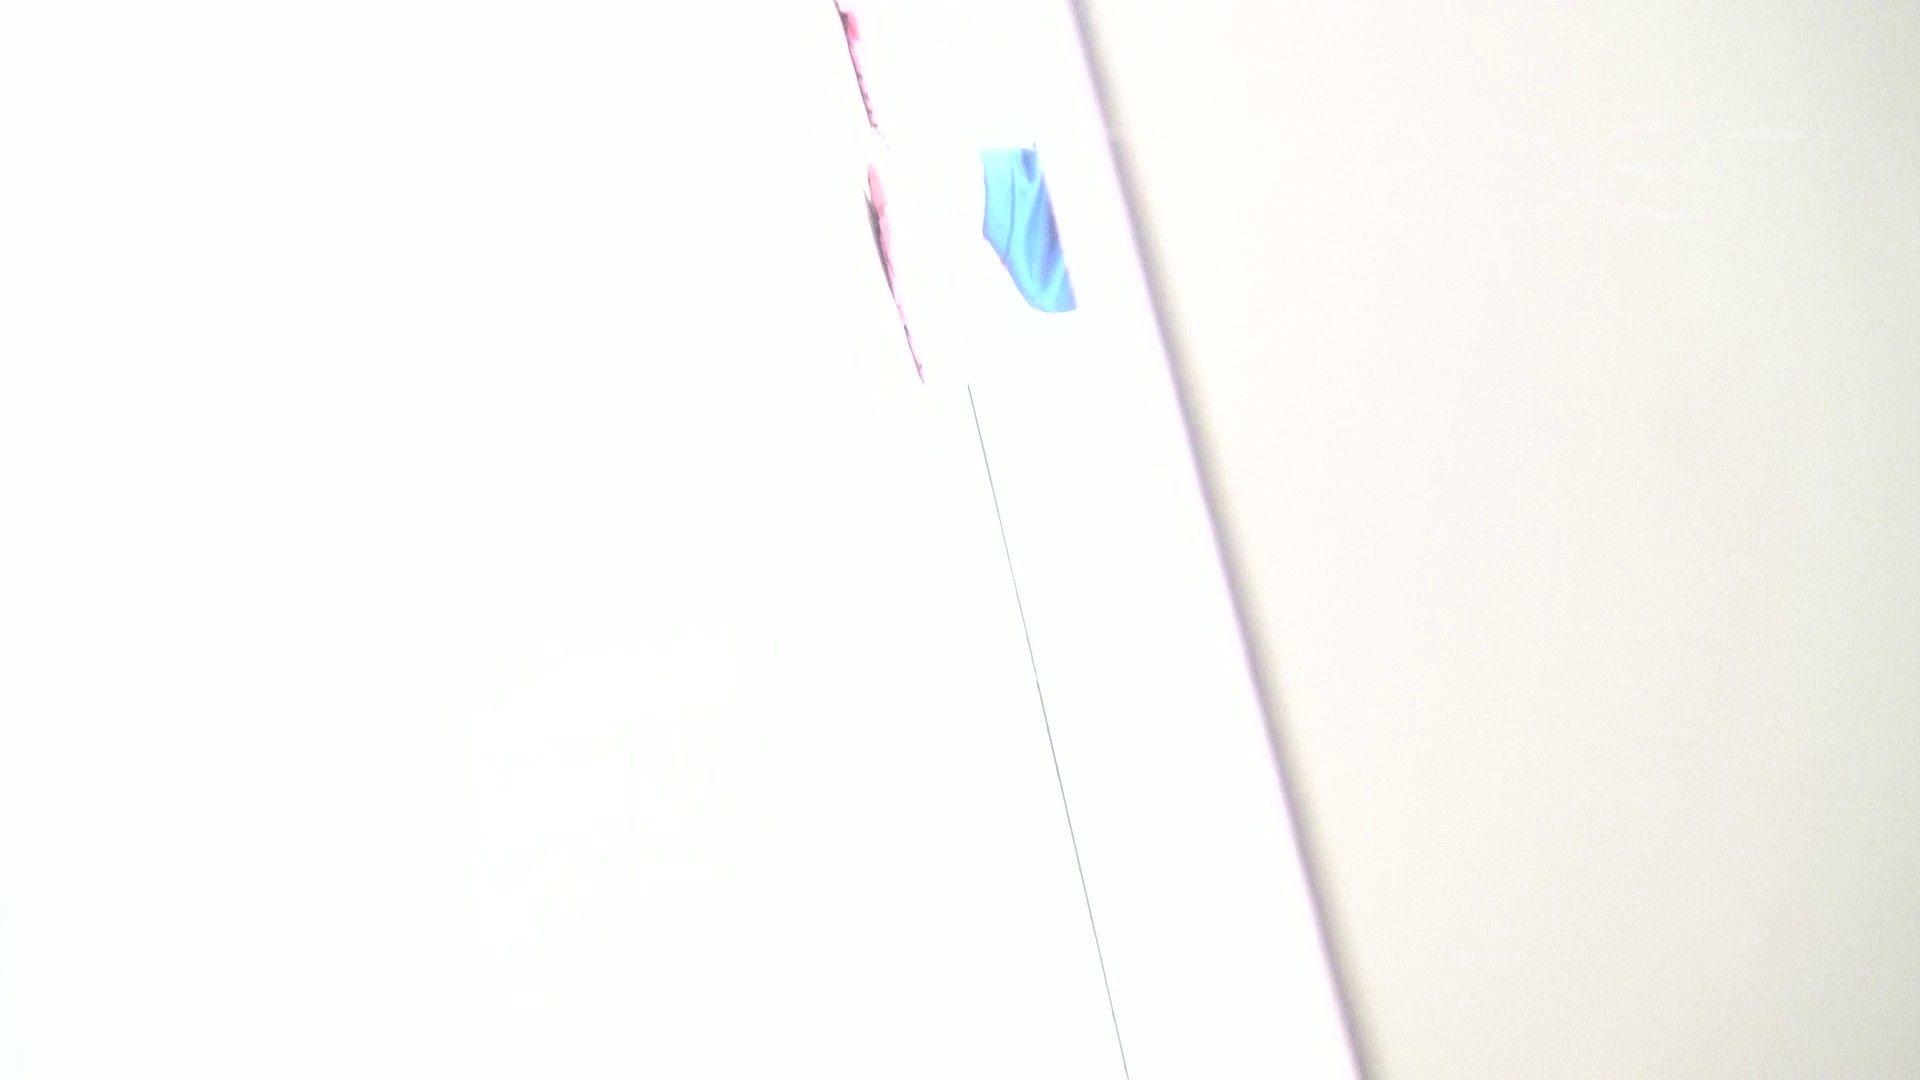 ▲期間限定D▲至高洗面所盗撮 23 至高下方撮りちょいと2カメ!! 人気シリーズ ワレメ無修正動画無料 102画像 47